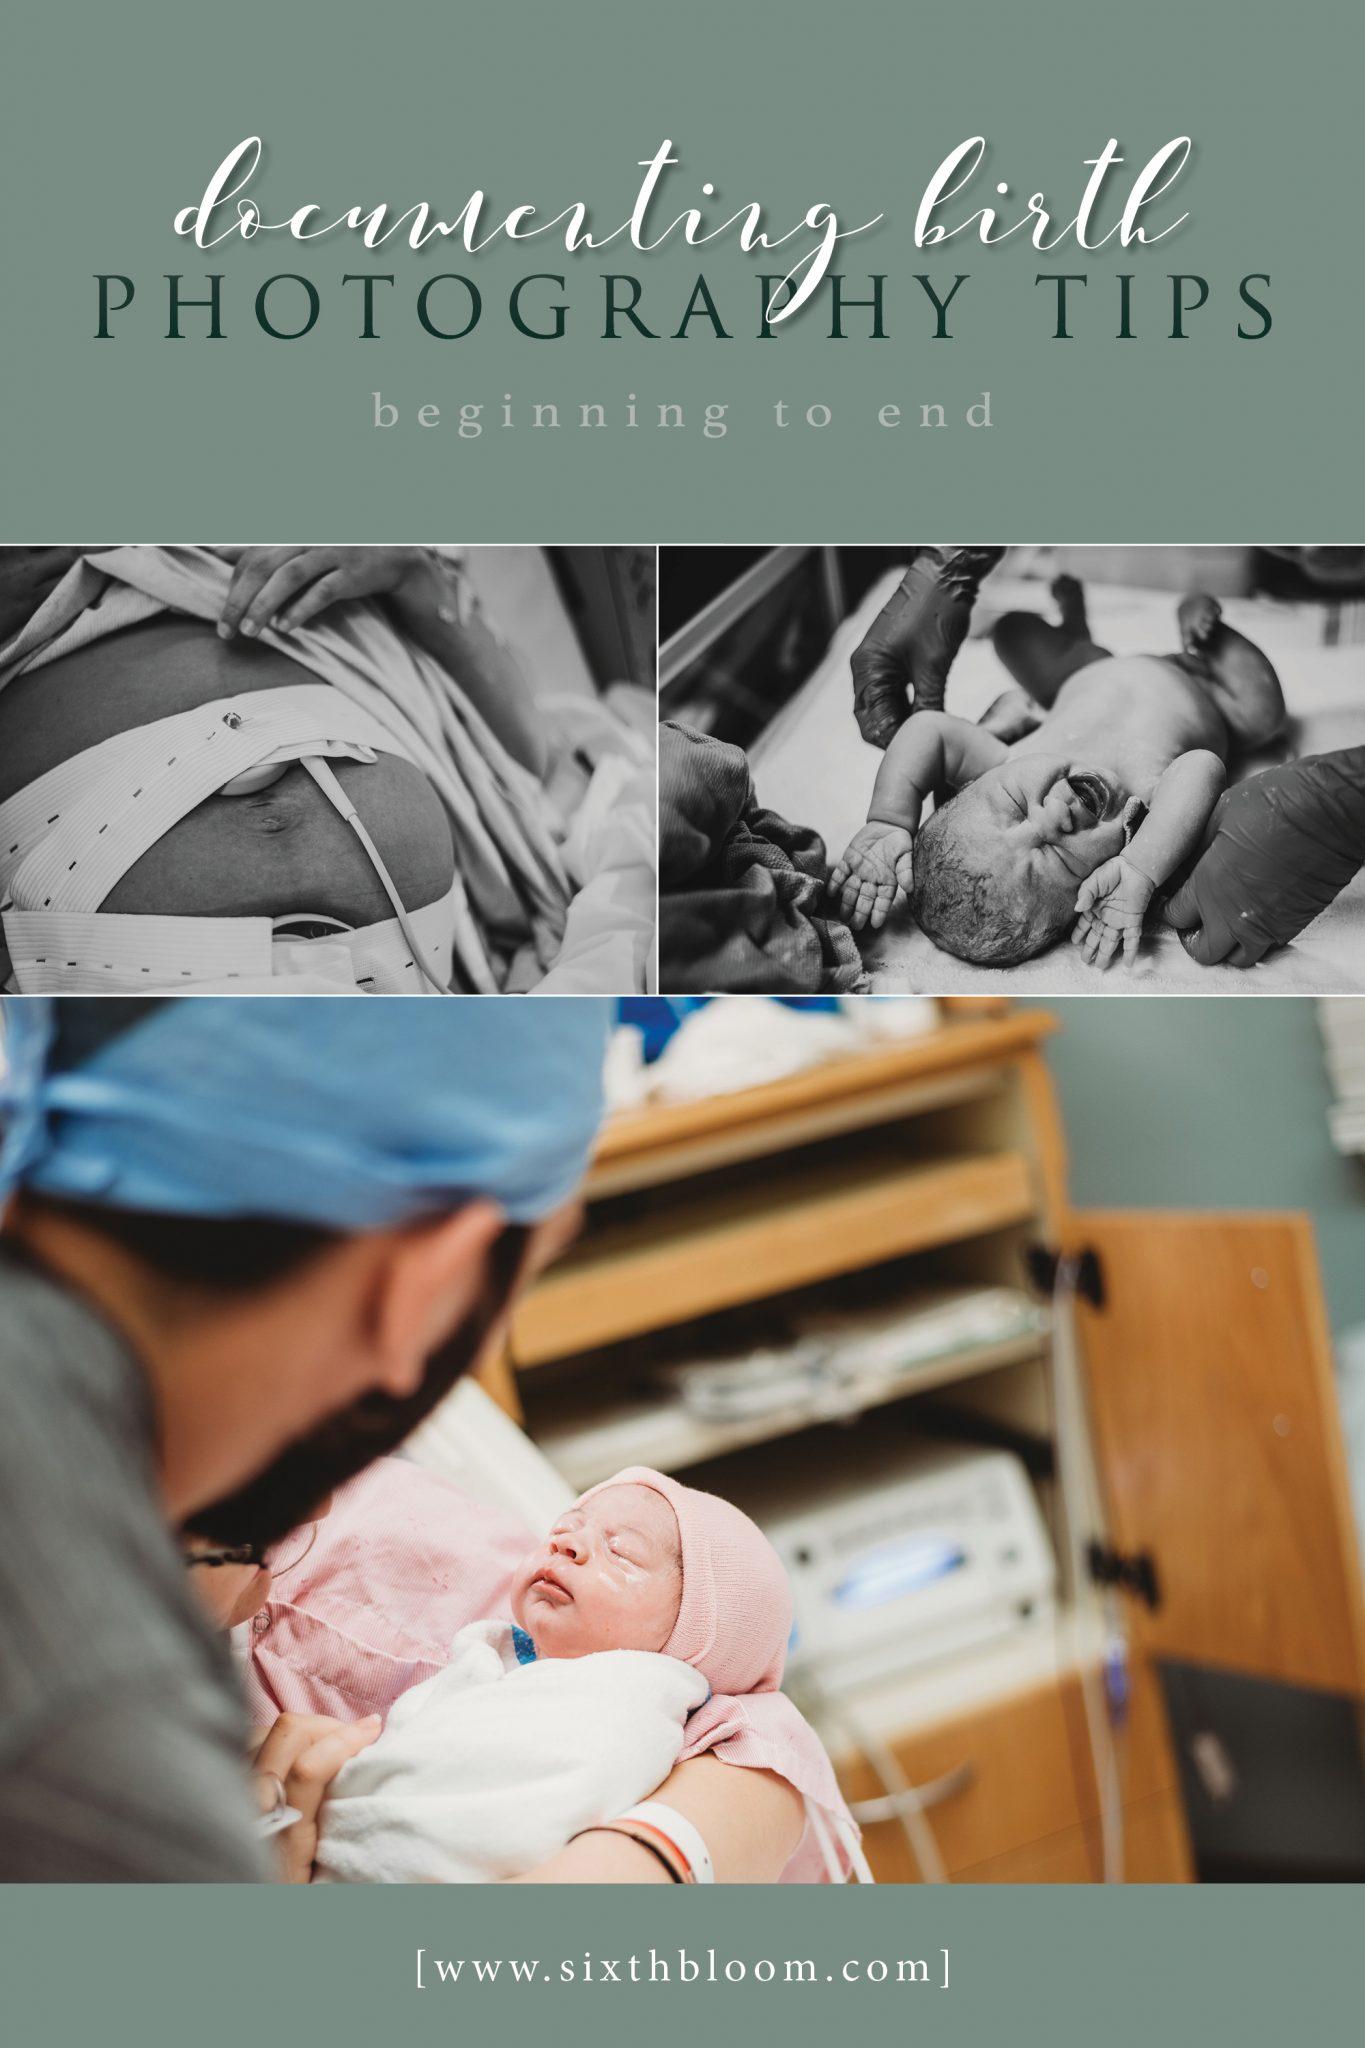 Documenting a birth